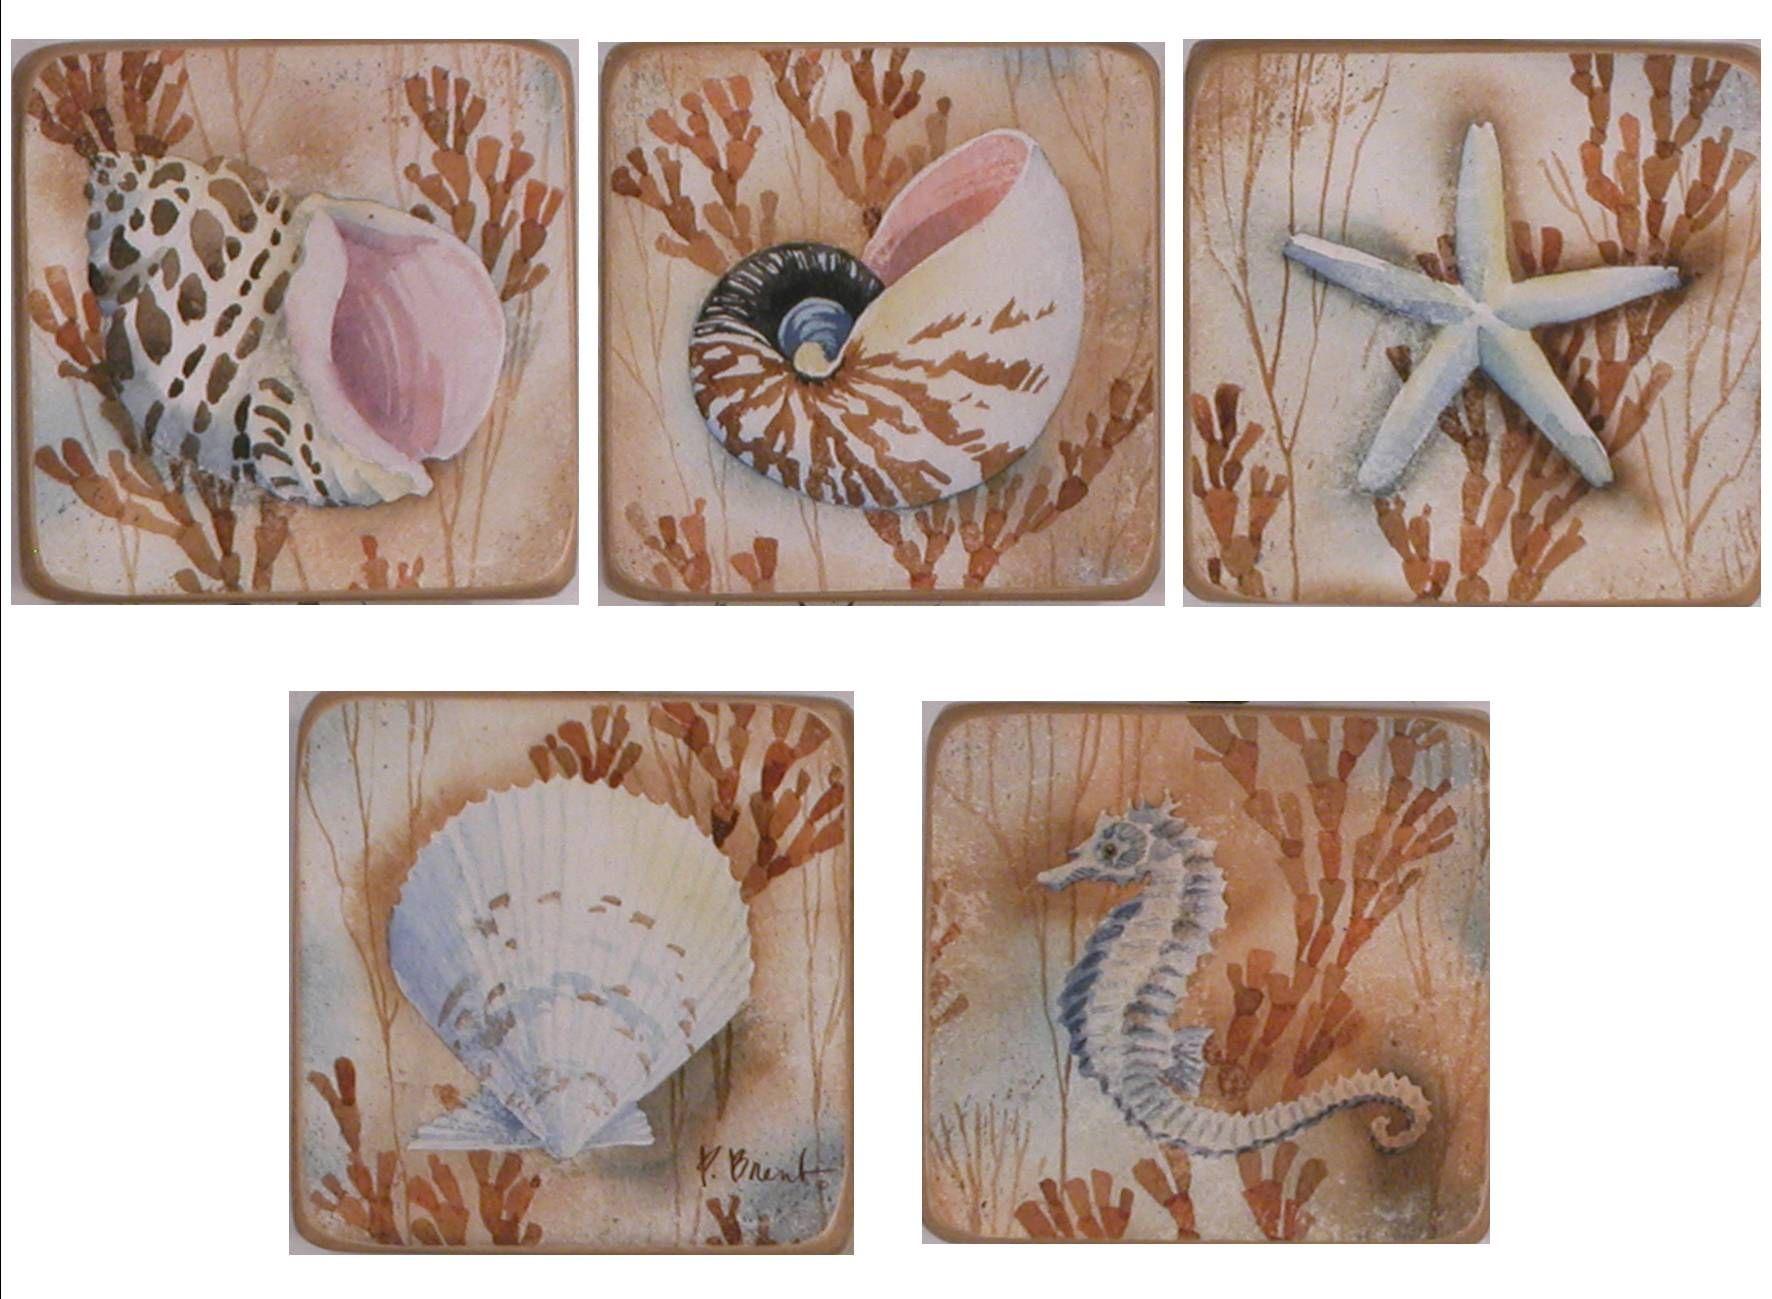 I quadri in legno raffiguranti diversi animali marini si adattano